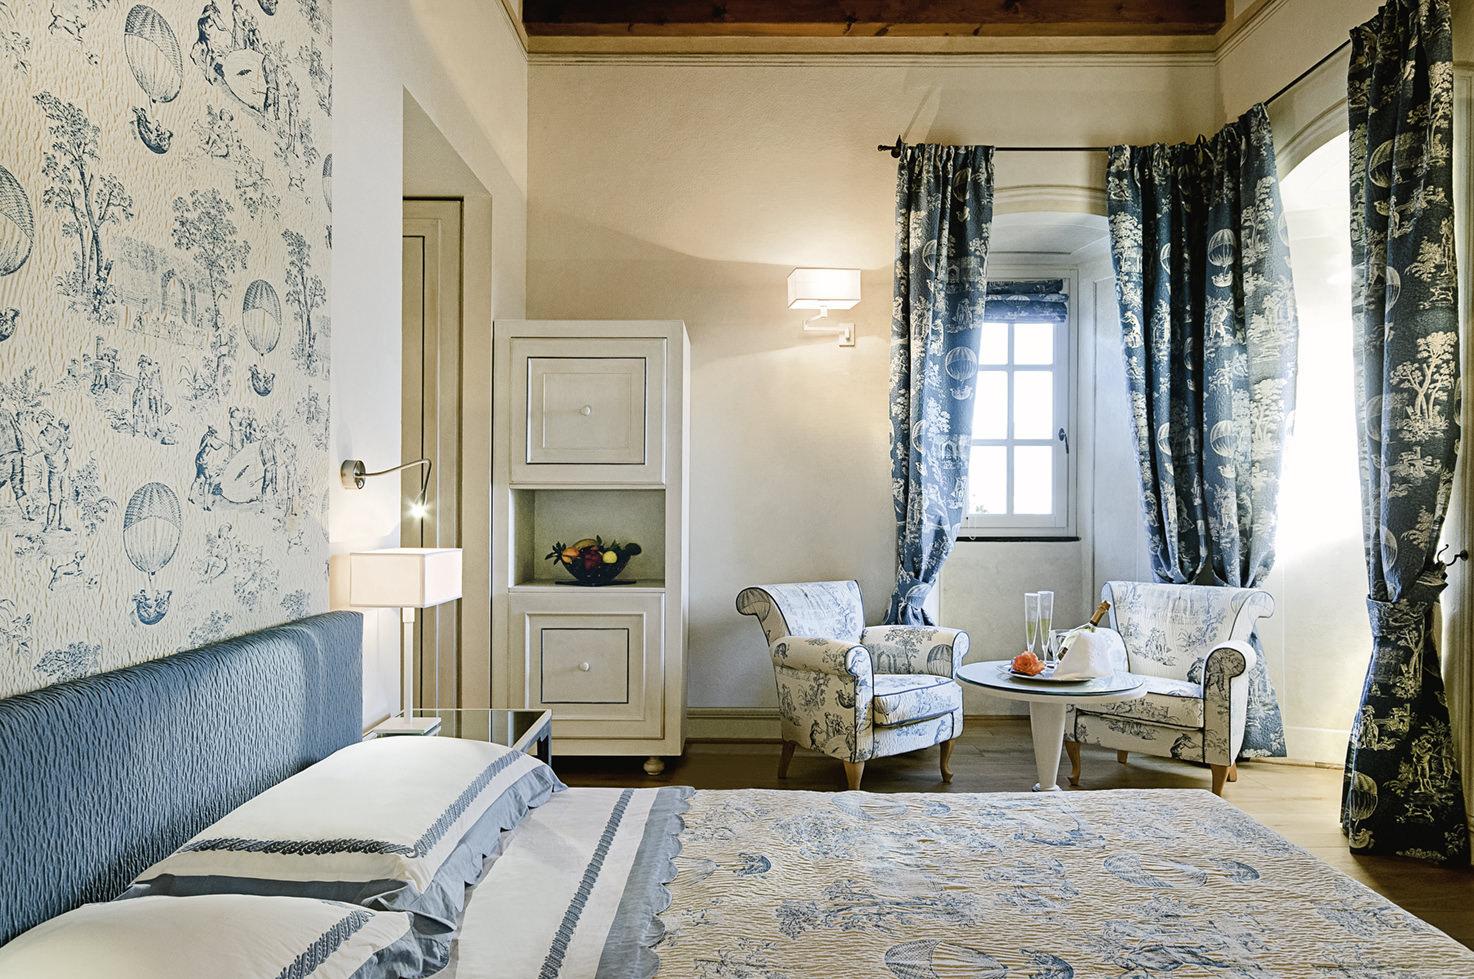 Accommodation at La Cervara